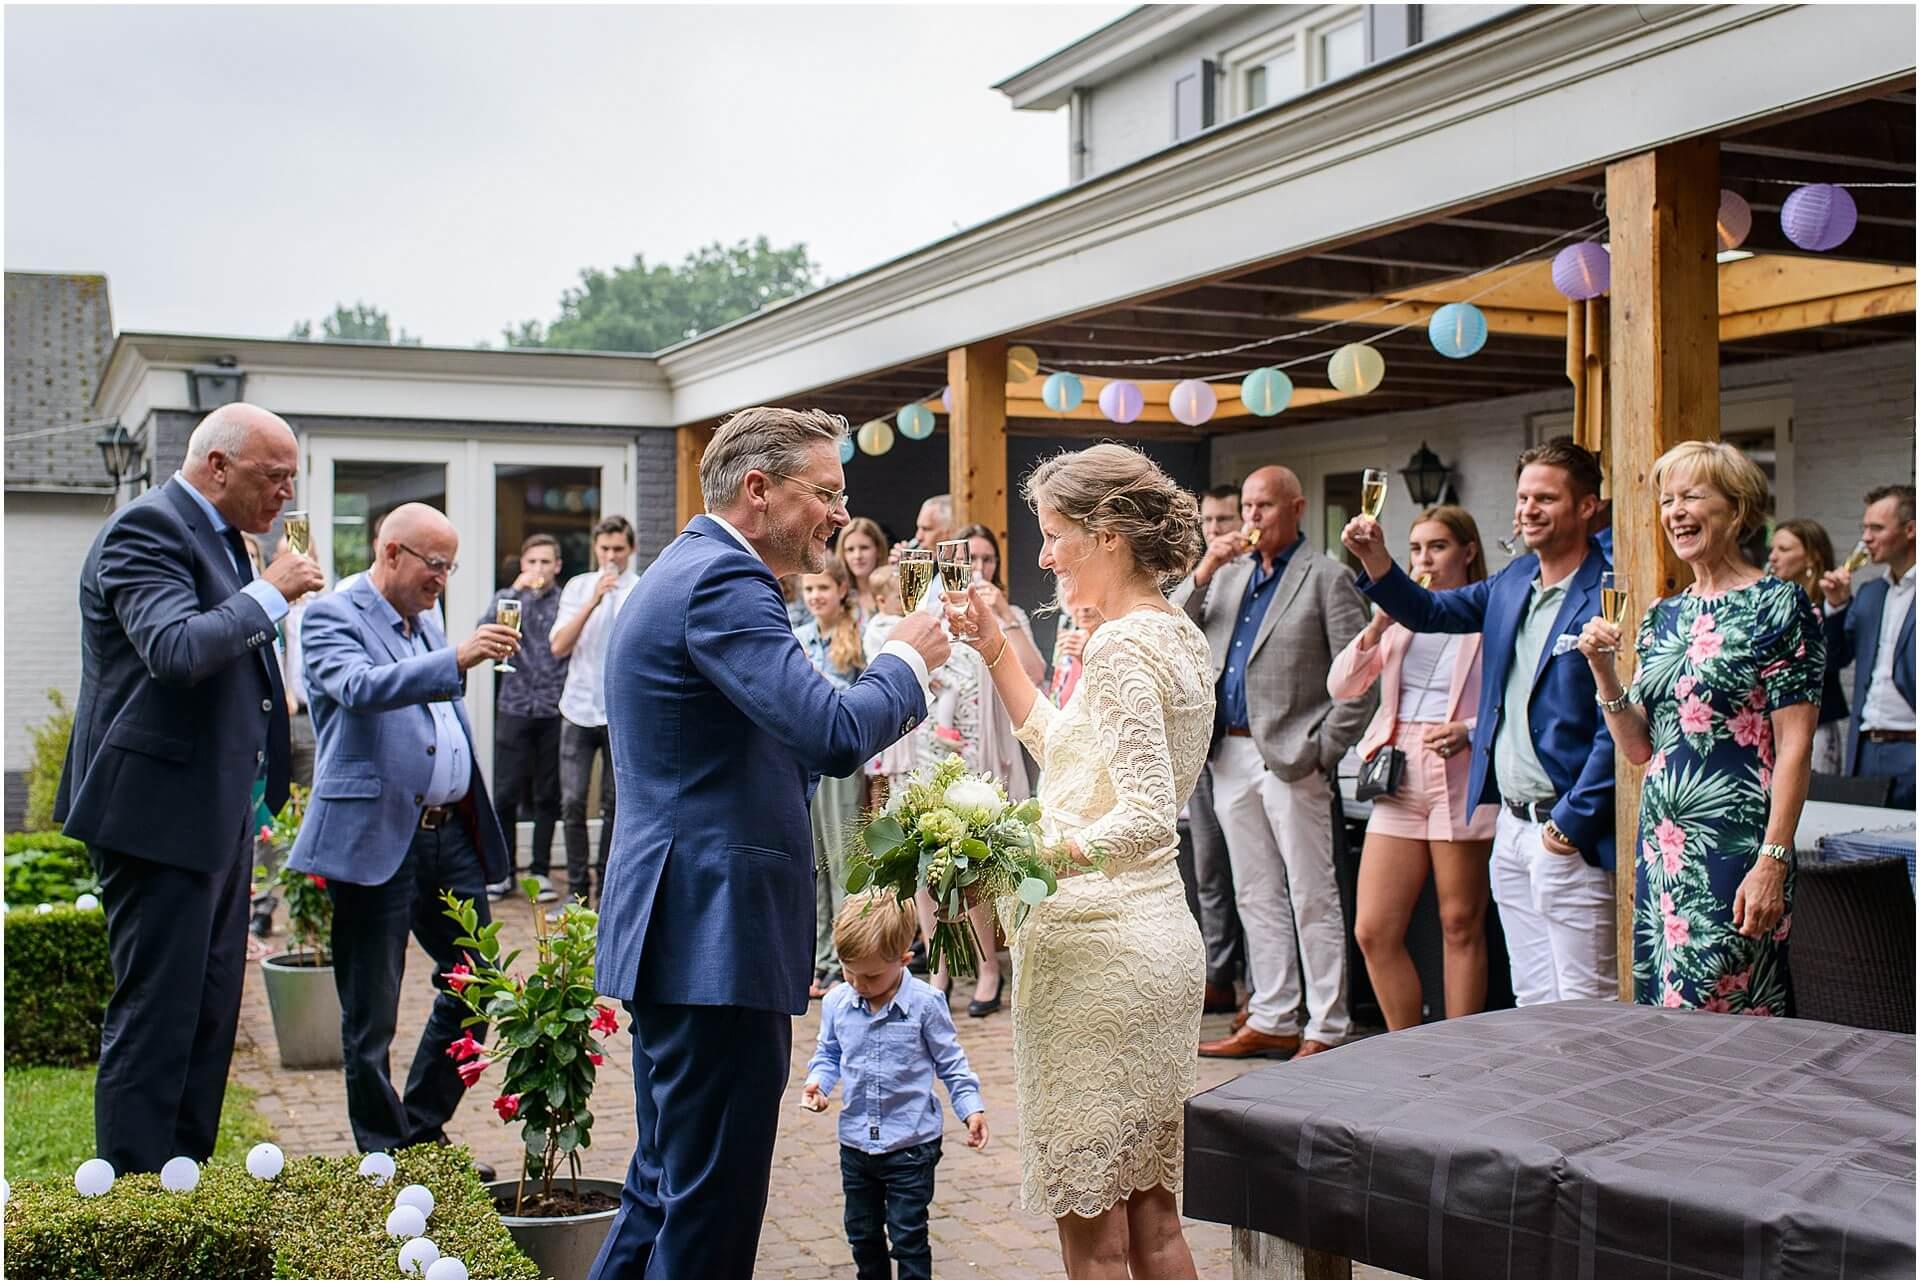 Bruidsfotografie Raadhuis Vught en feesten in eigen tuin door bruidsfotograaf Sandy Peters_0008.jpg